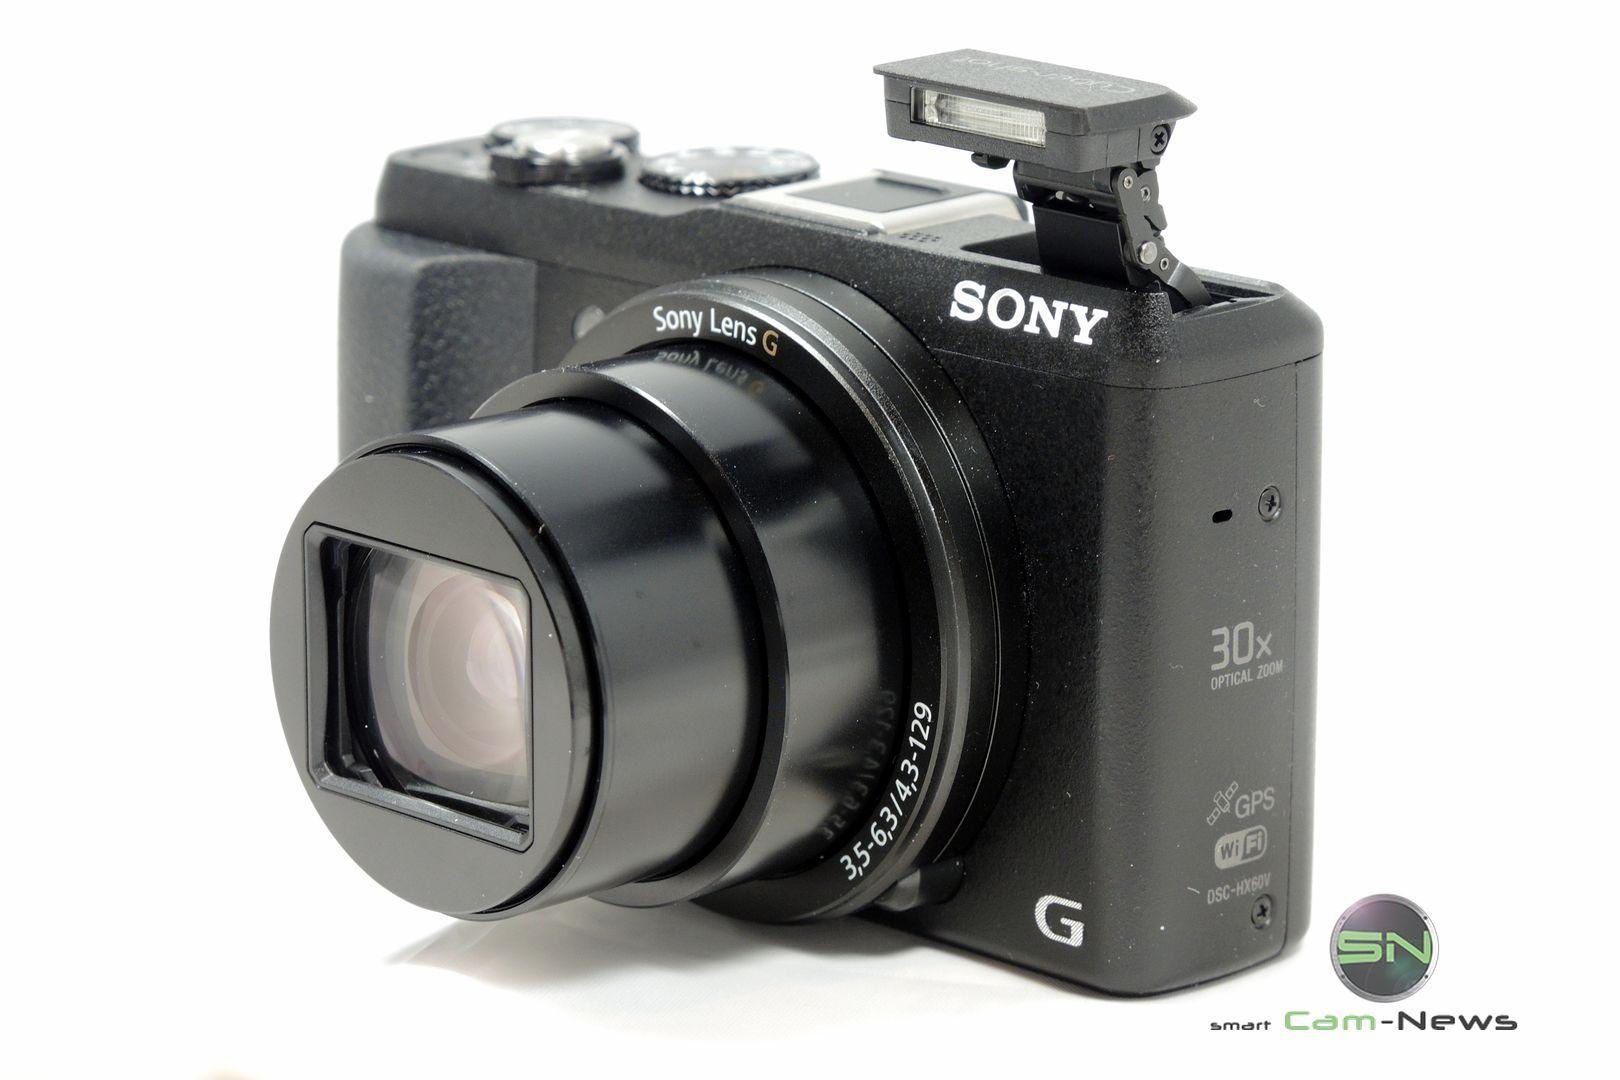 REISE nach ANDALUSIEN: Sony HX60V – MegaZoom Kompaktkamera